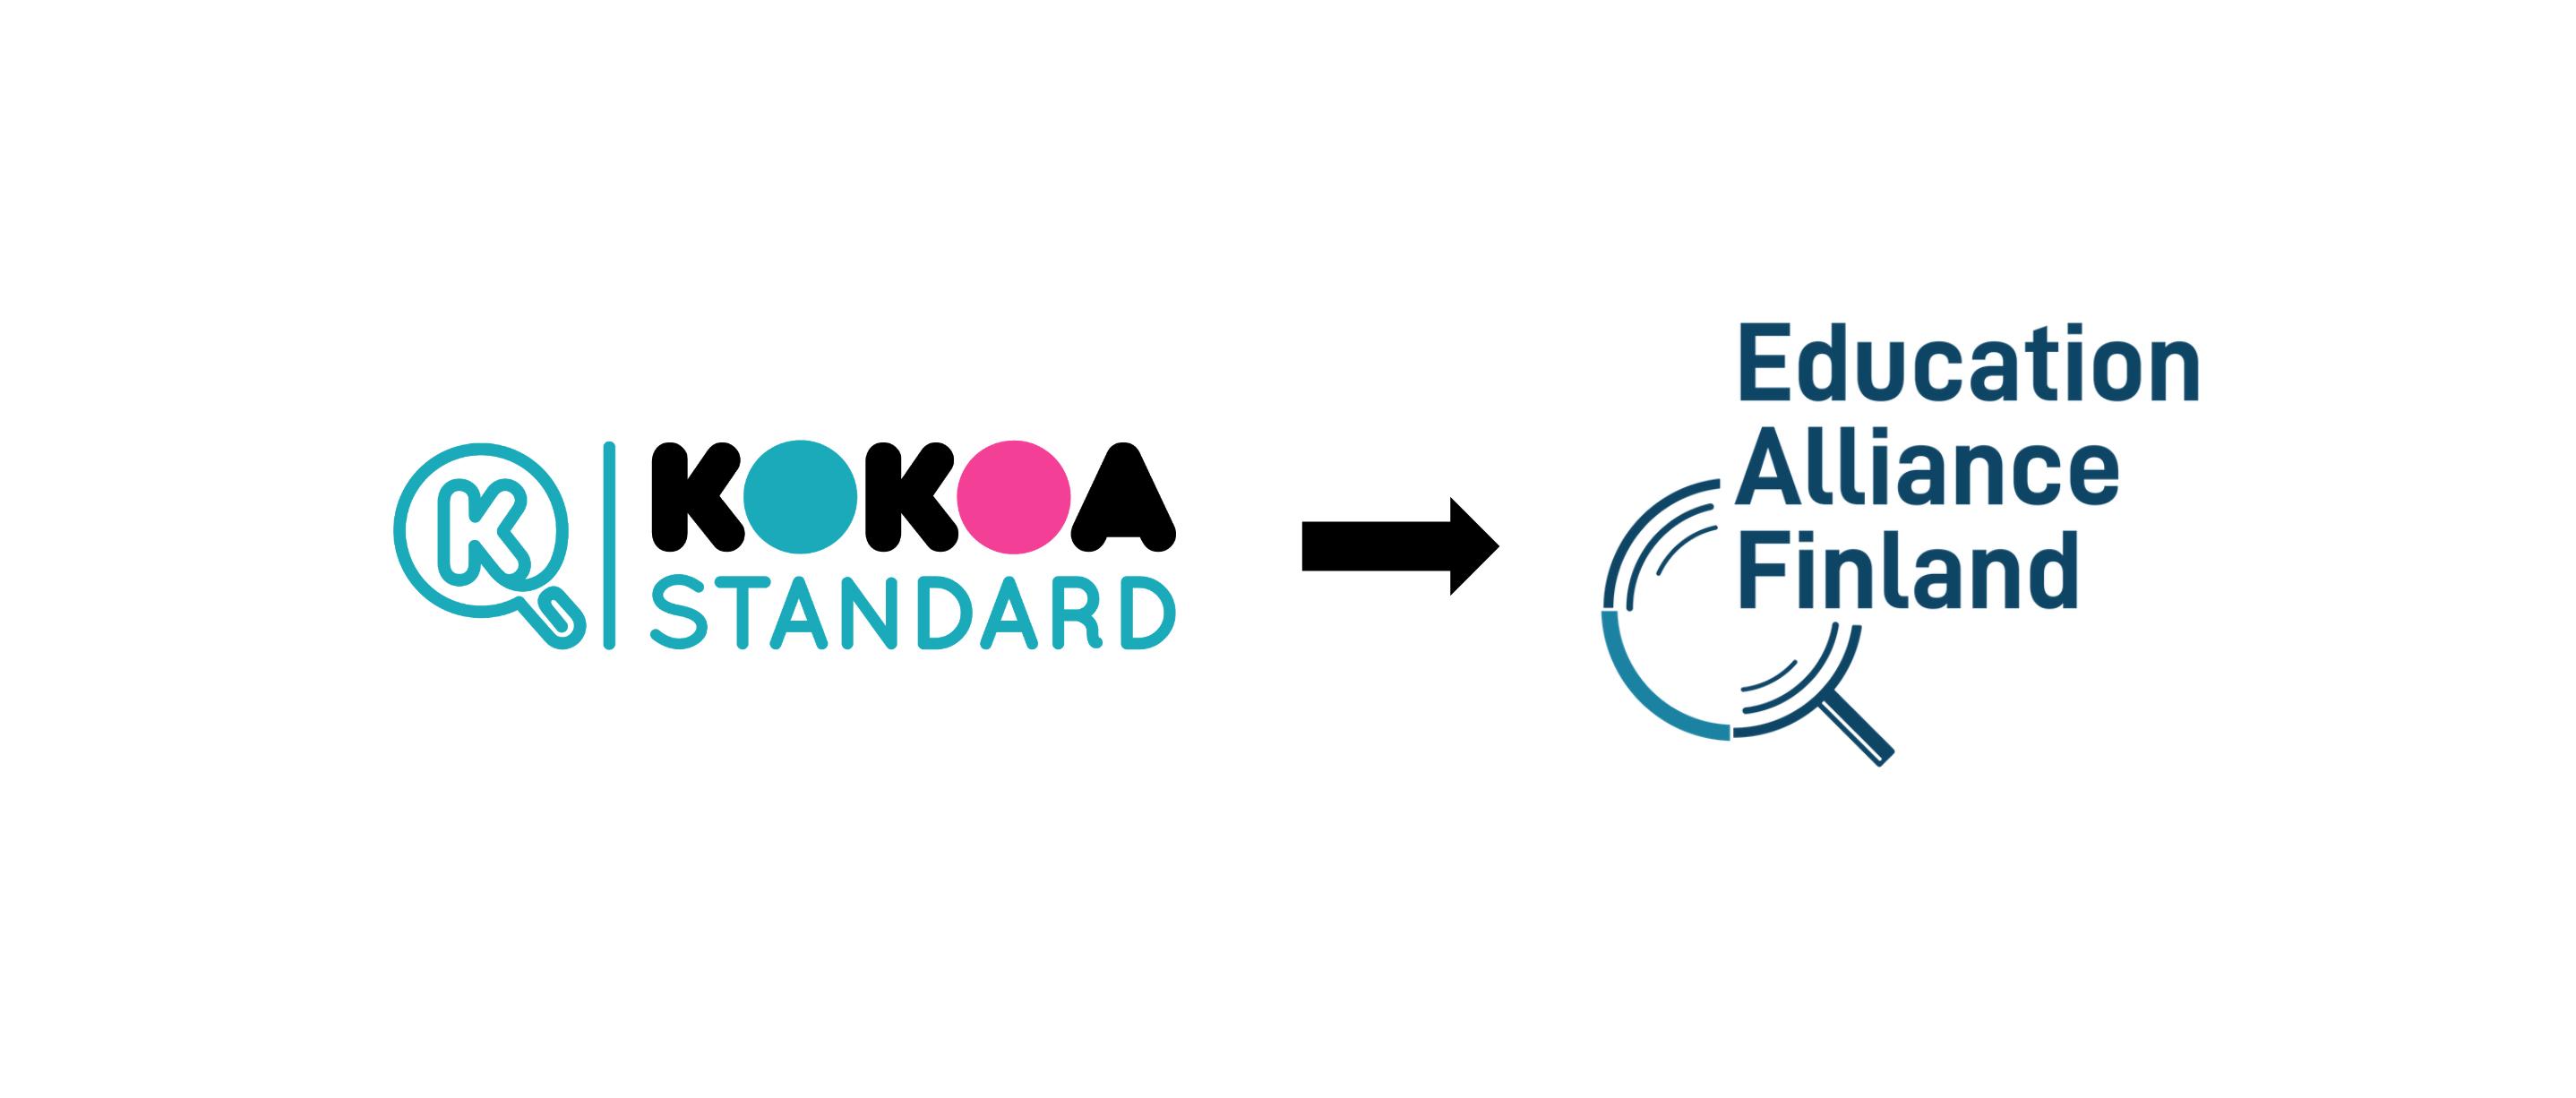 Kokoa Standard becomes Education Alliance Finland